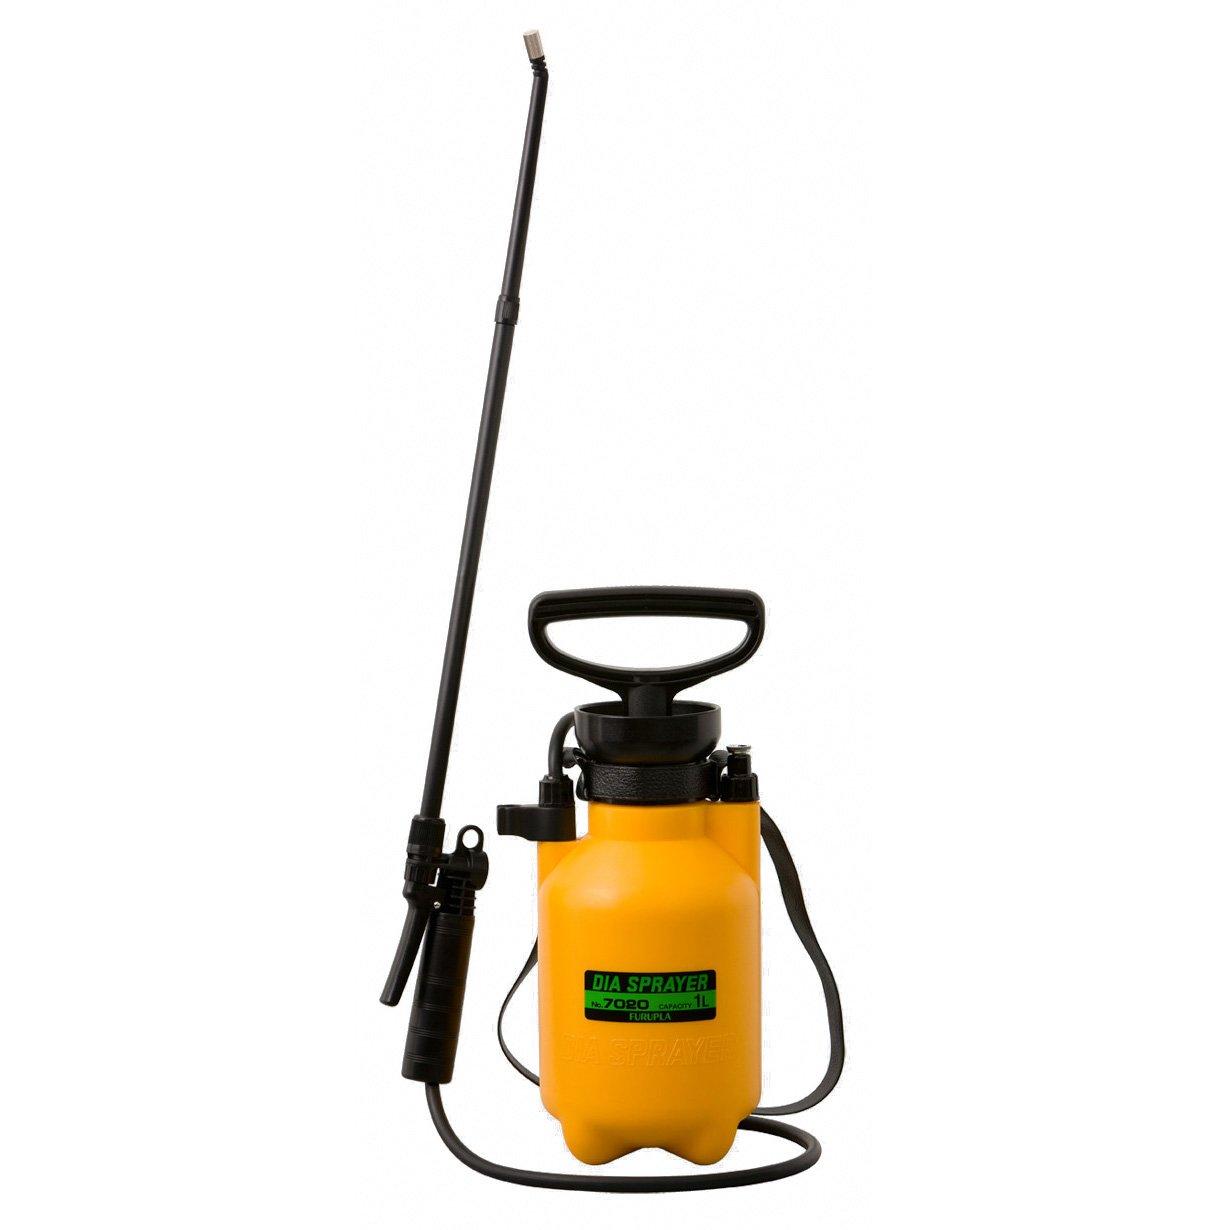 フルプラ プレッシャー式ホルモン剤散布用噴霧器 1L用 50cmノズル付 No.7020 B00LZEQI92